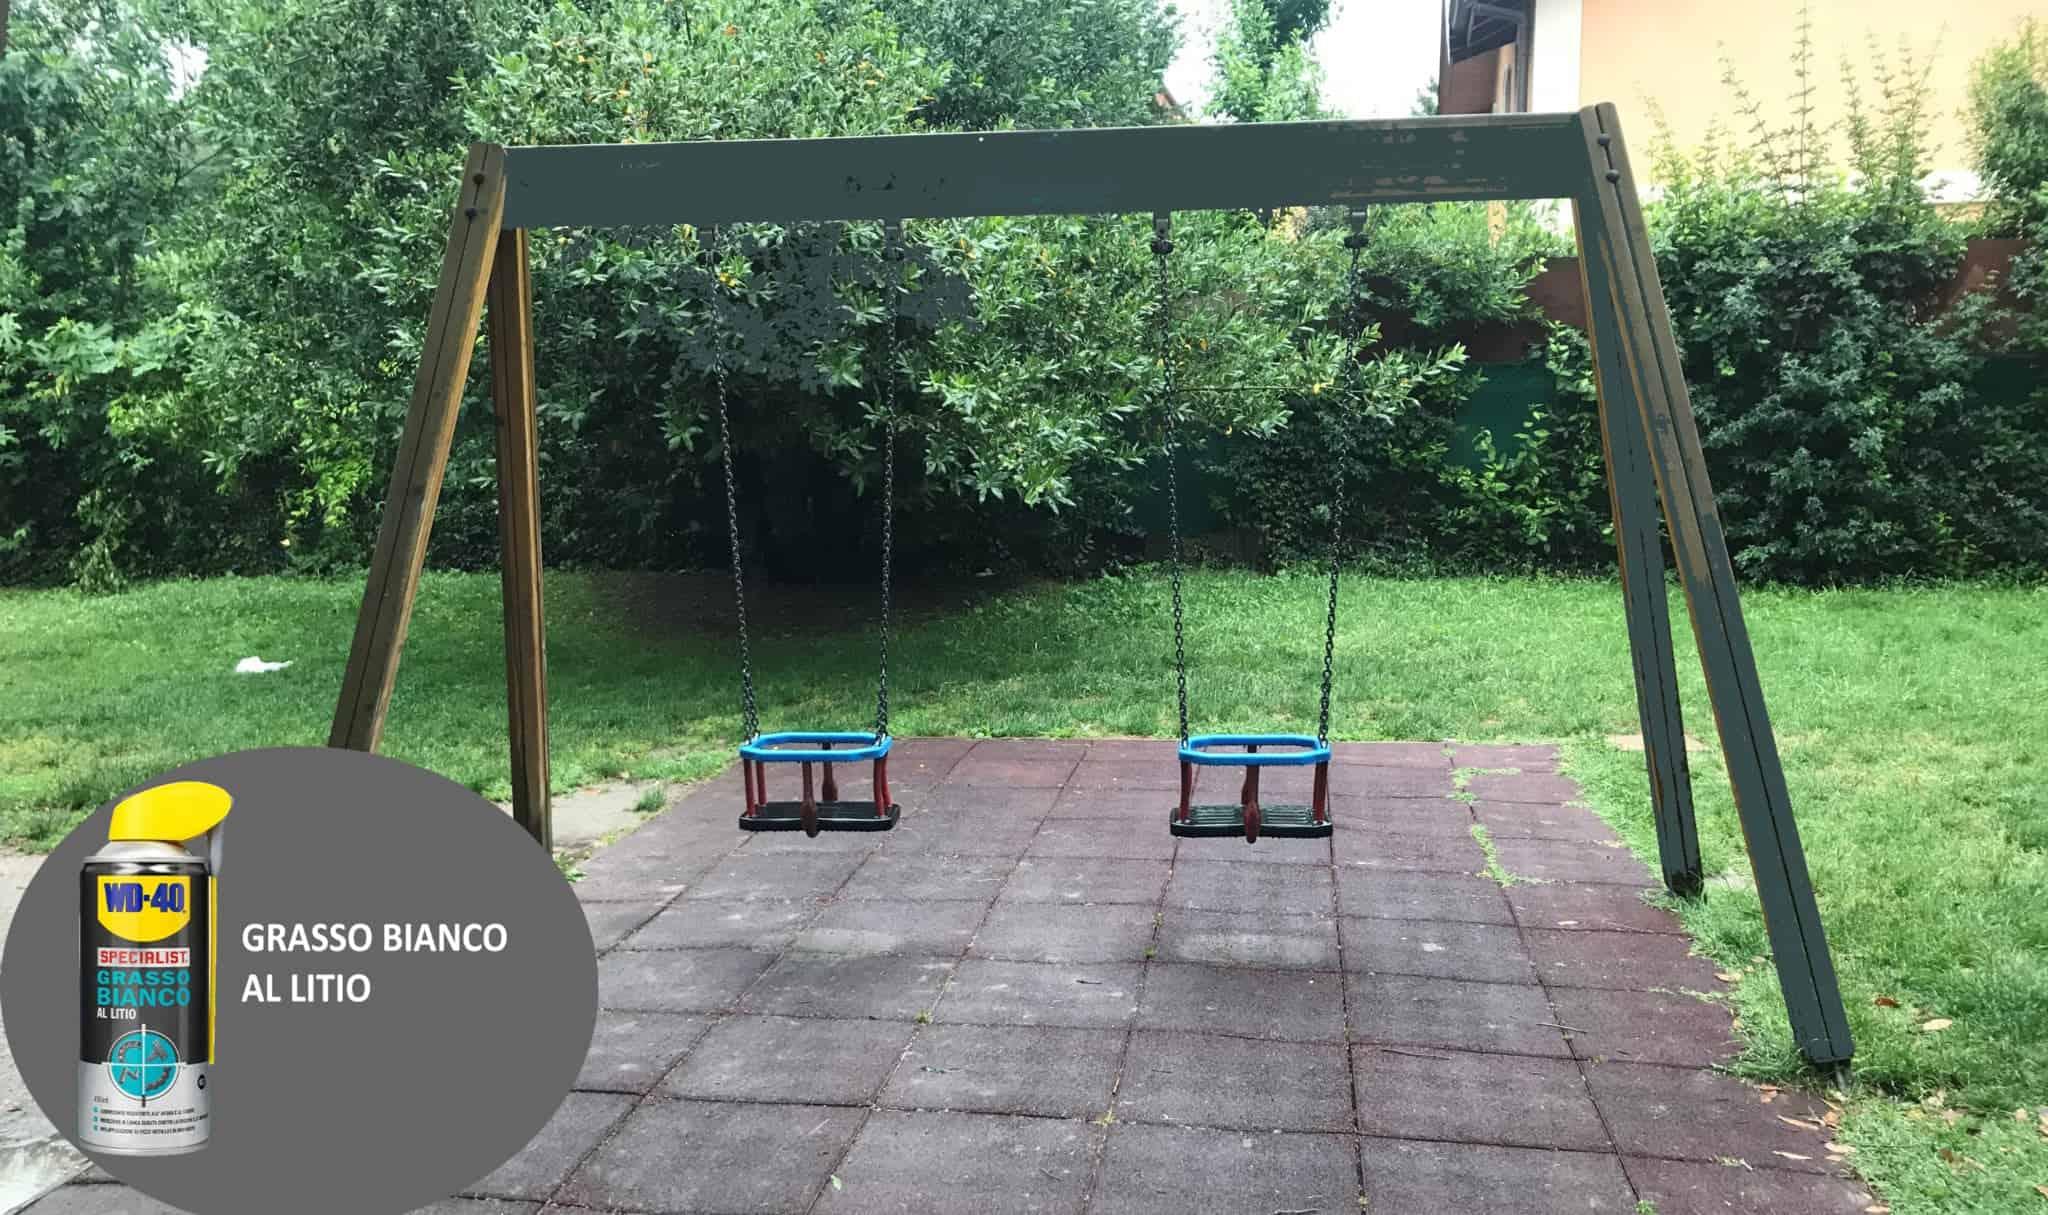 Giochi Da Fare In Giardino come fare la manutenzione dei giochi da giardino - wd-40 italia